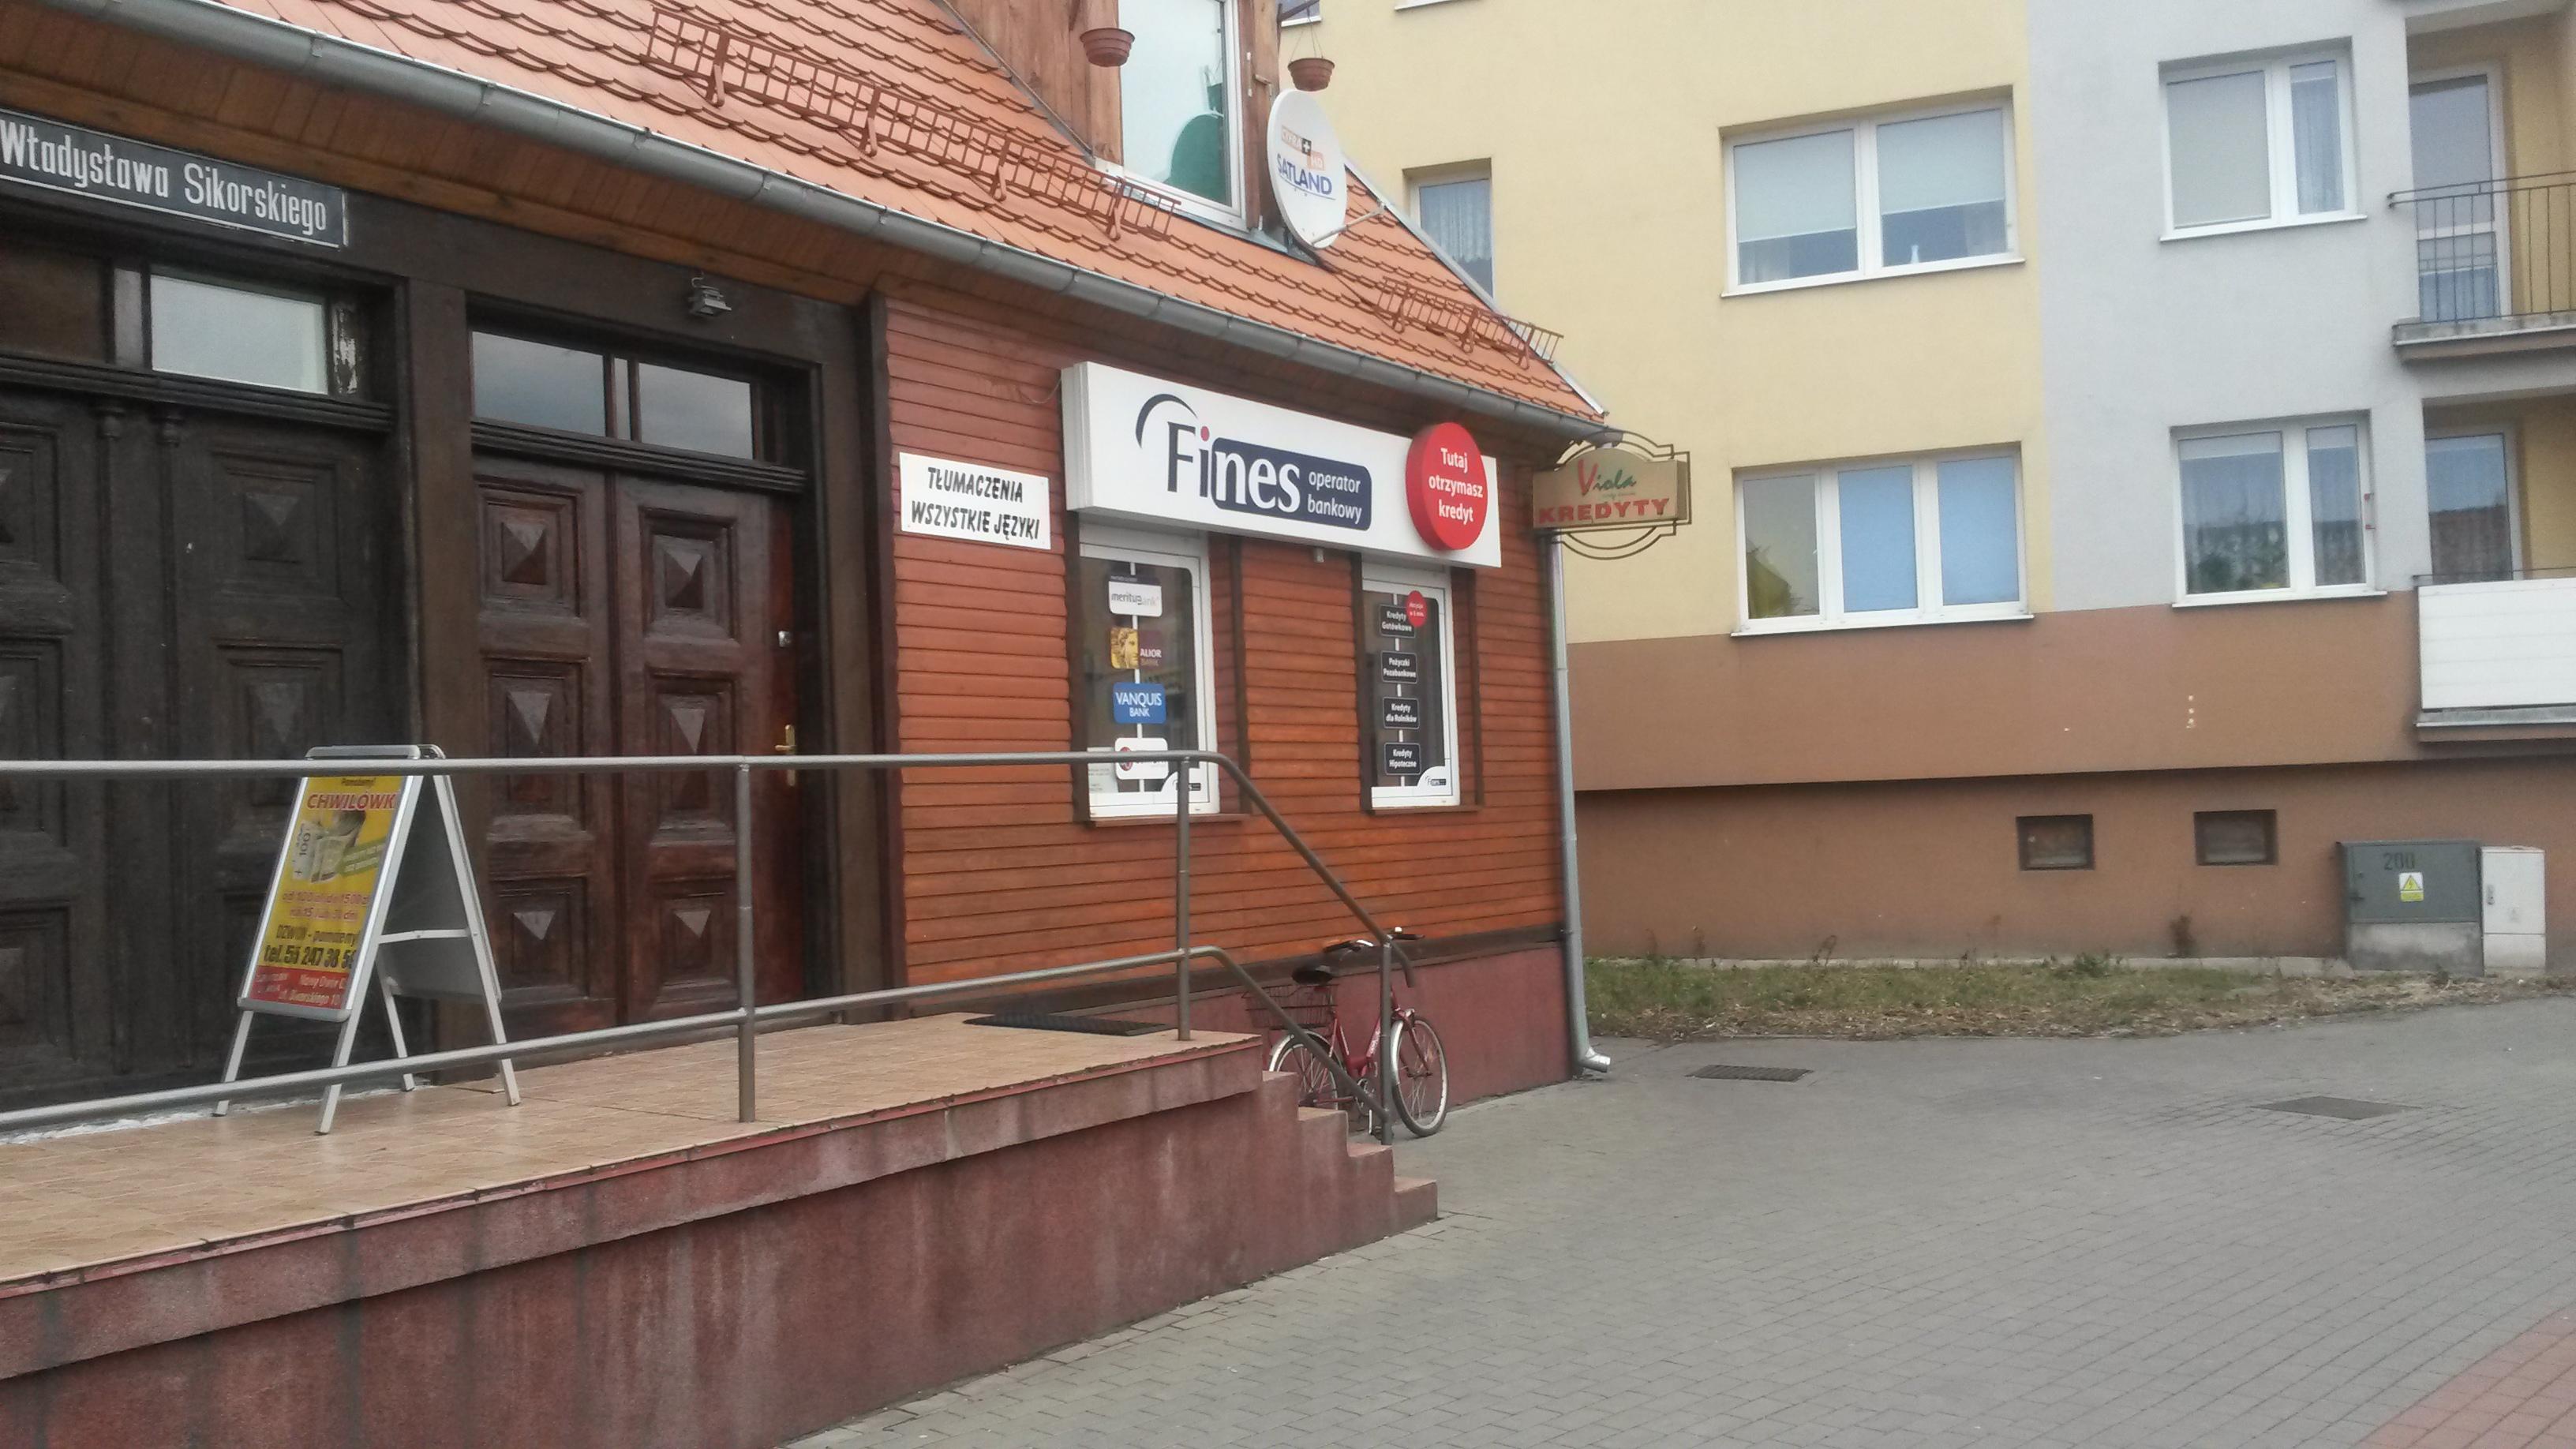 Fines Nowy Dwór Gdański